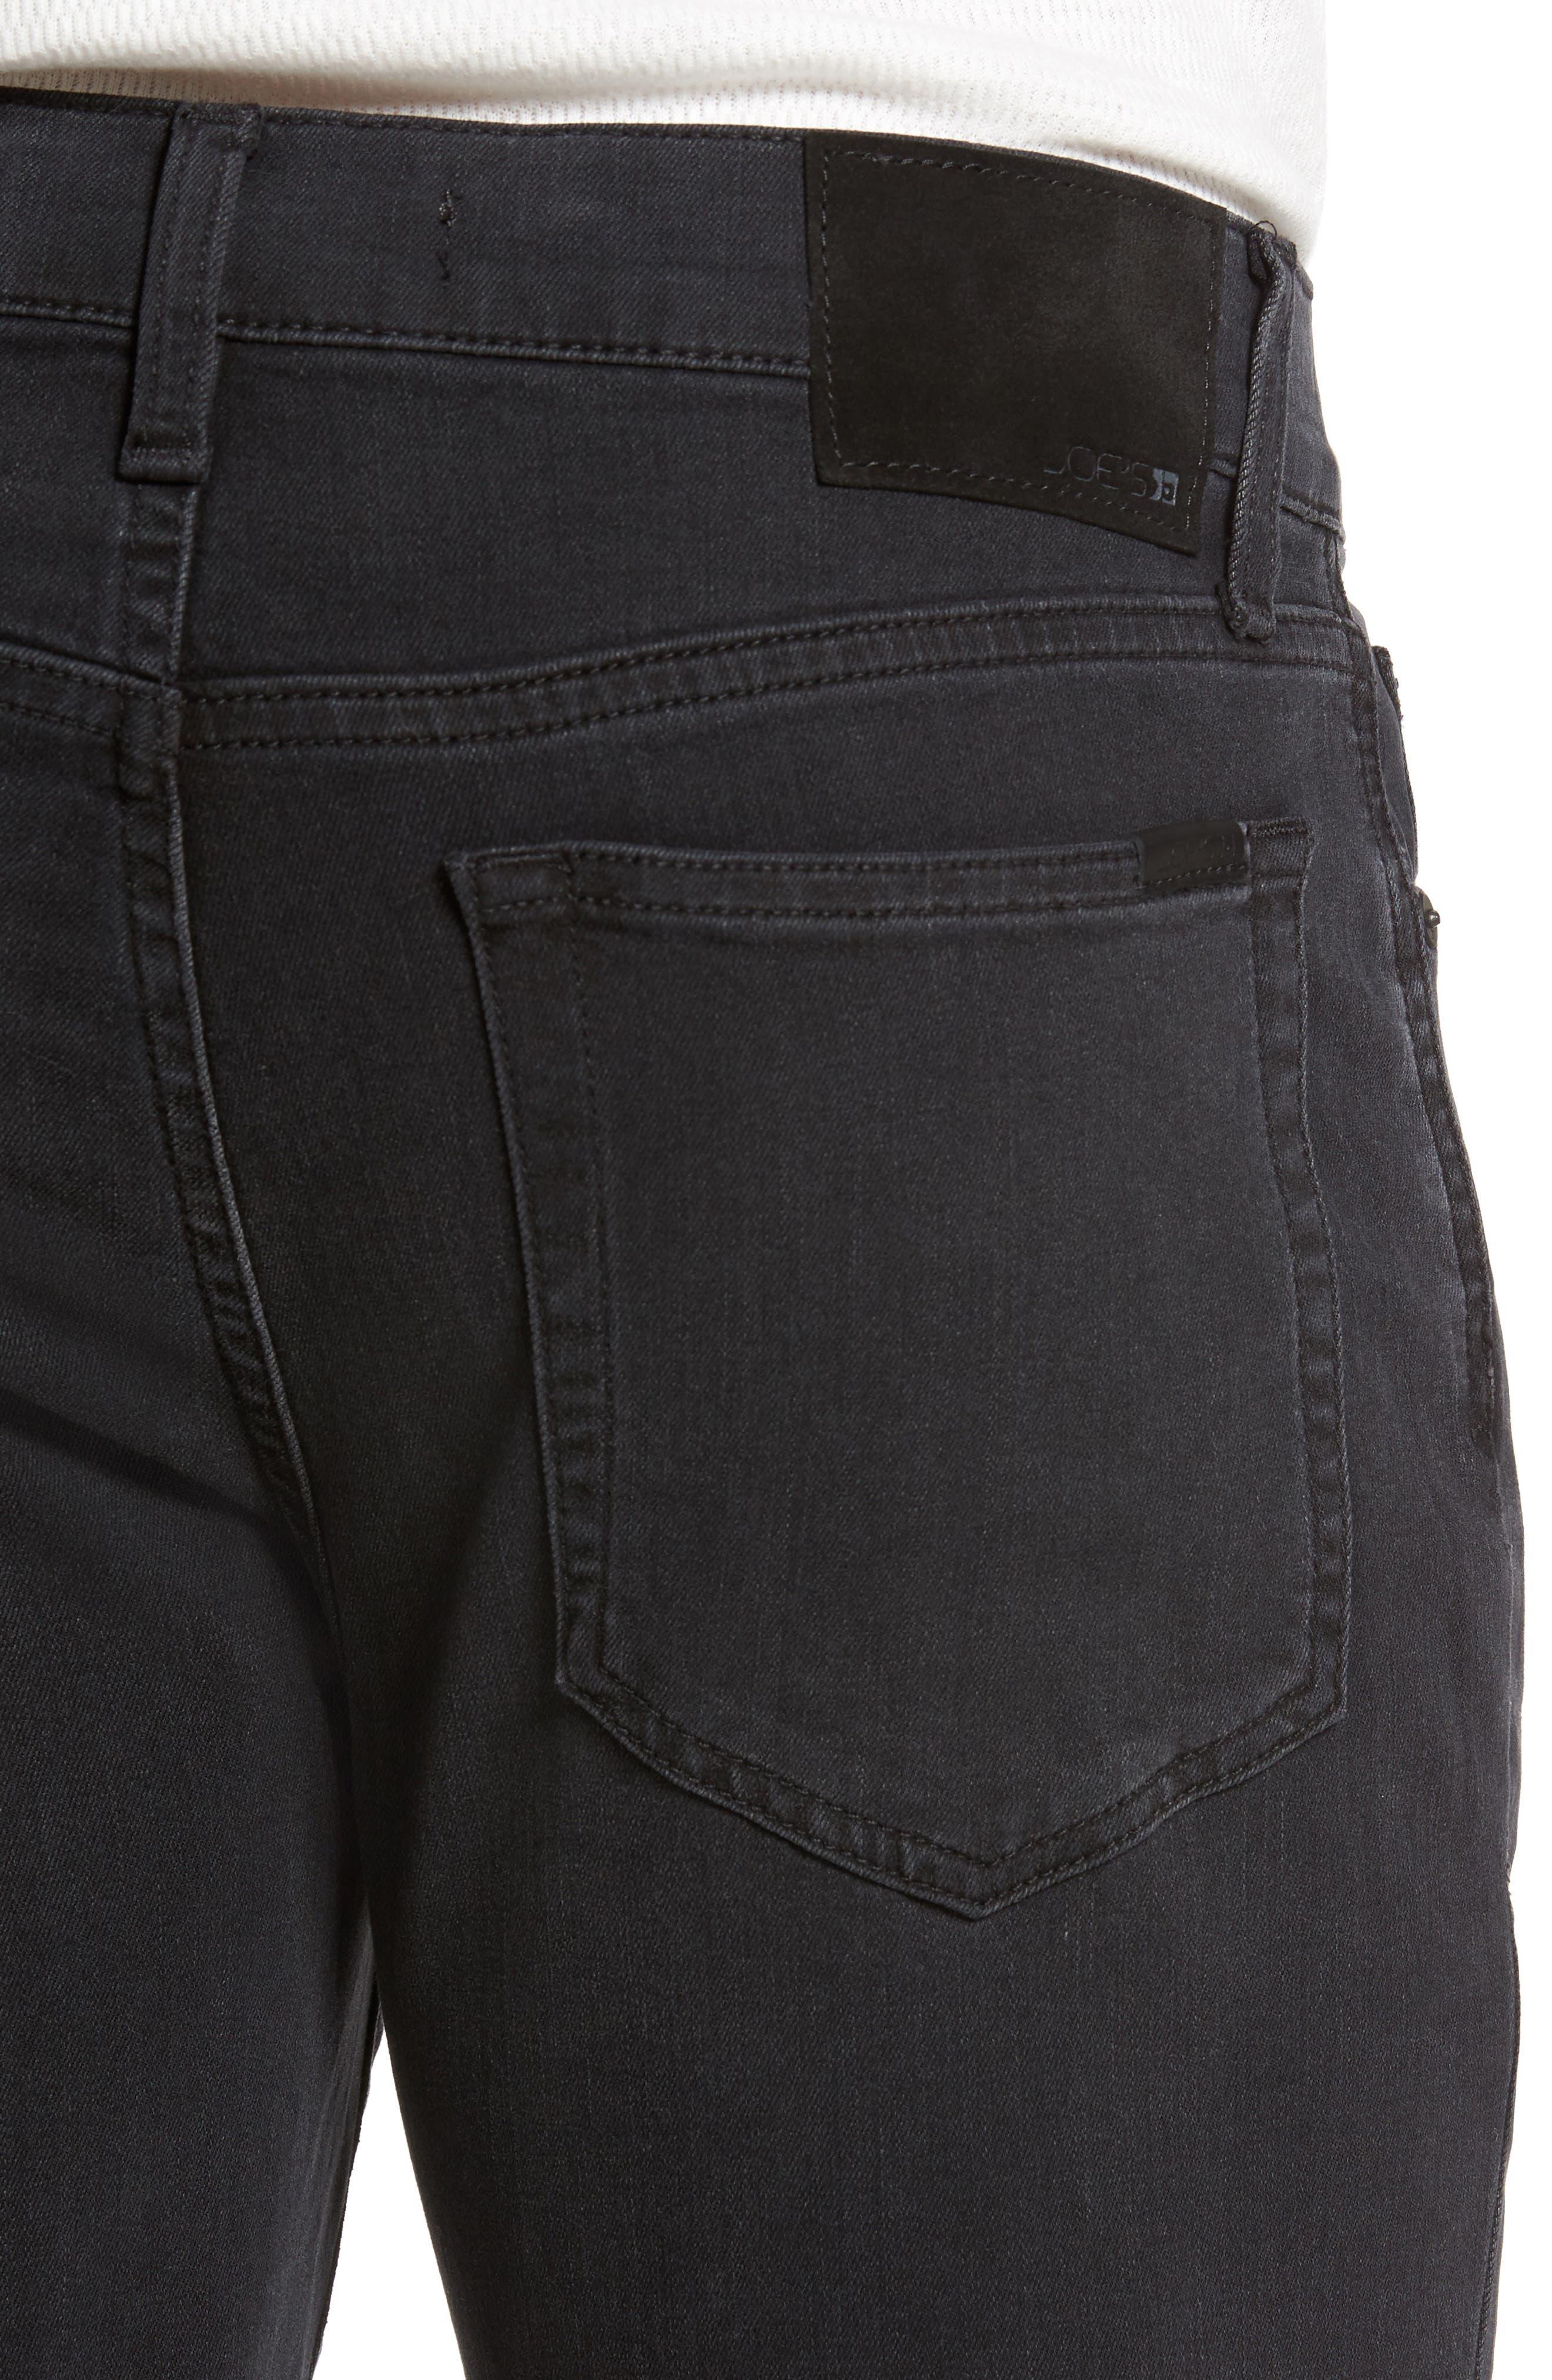 Slim Fit Jeans,                             Alternate thumbnail 4, color,                             001